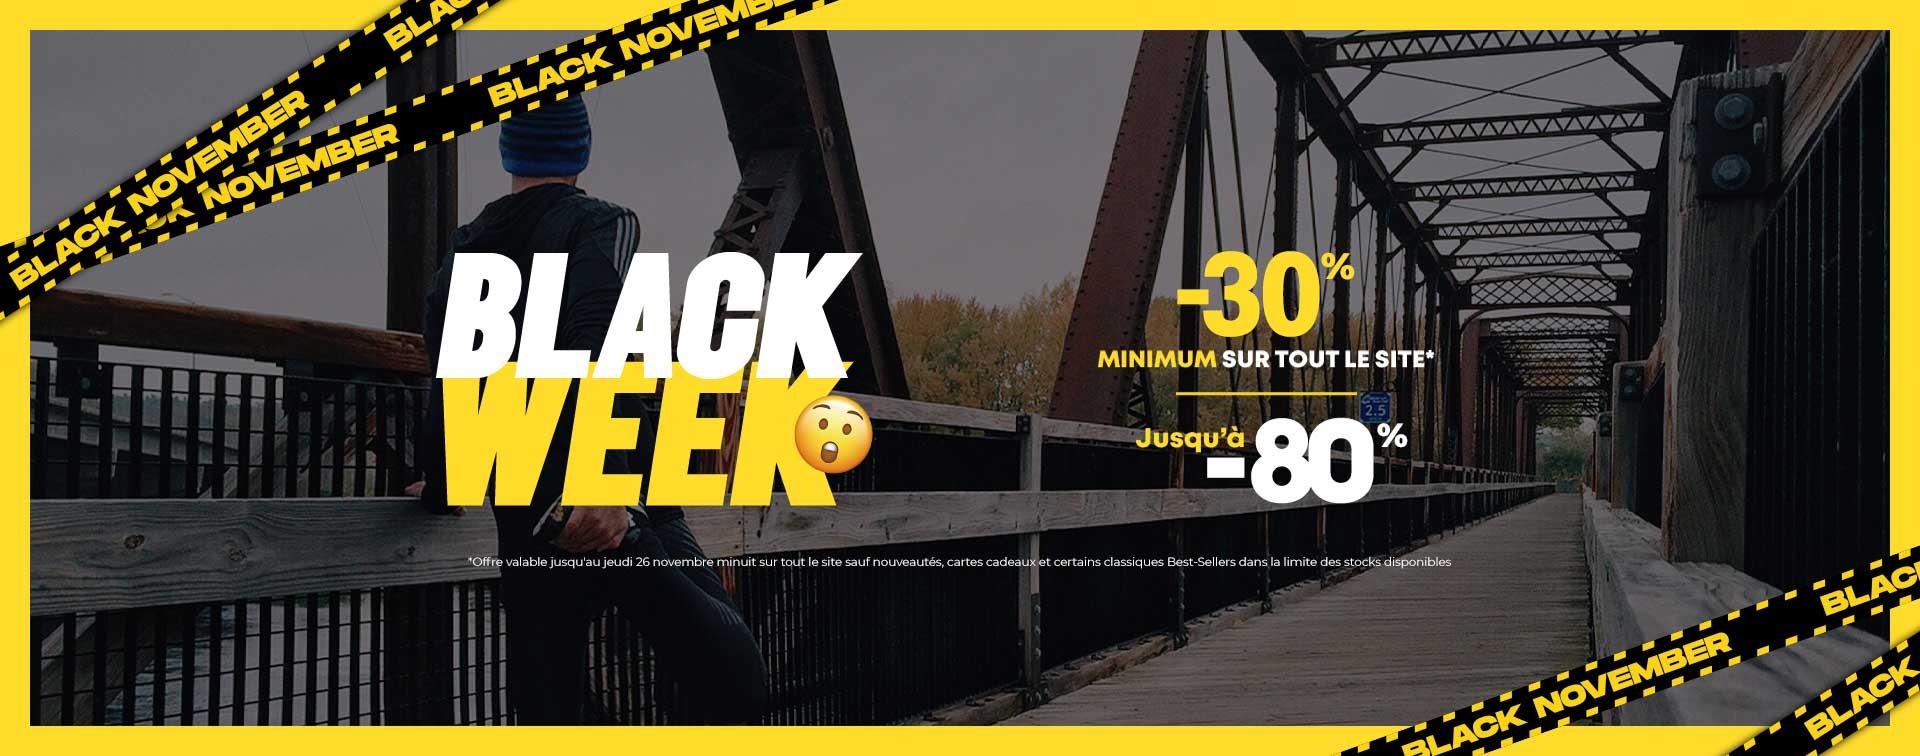 Black November all at -15%.